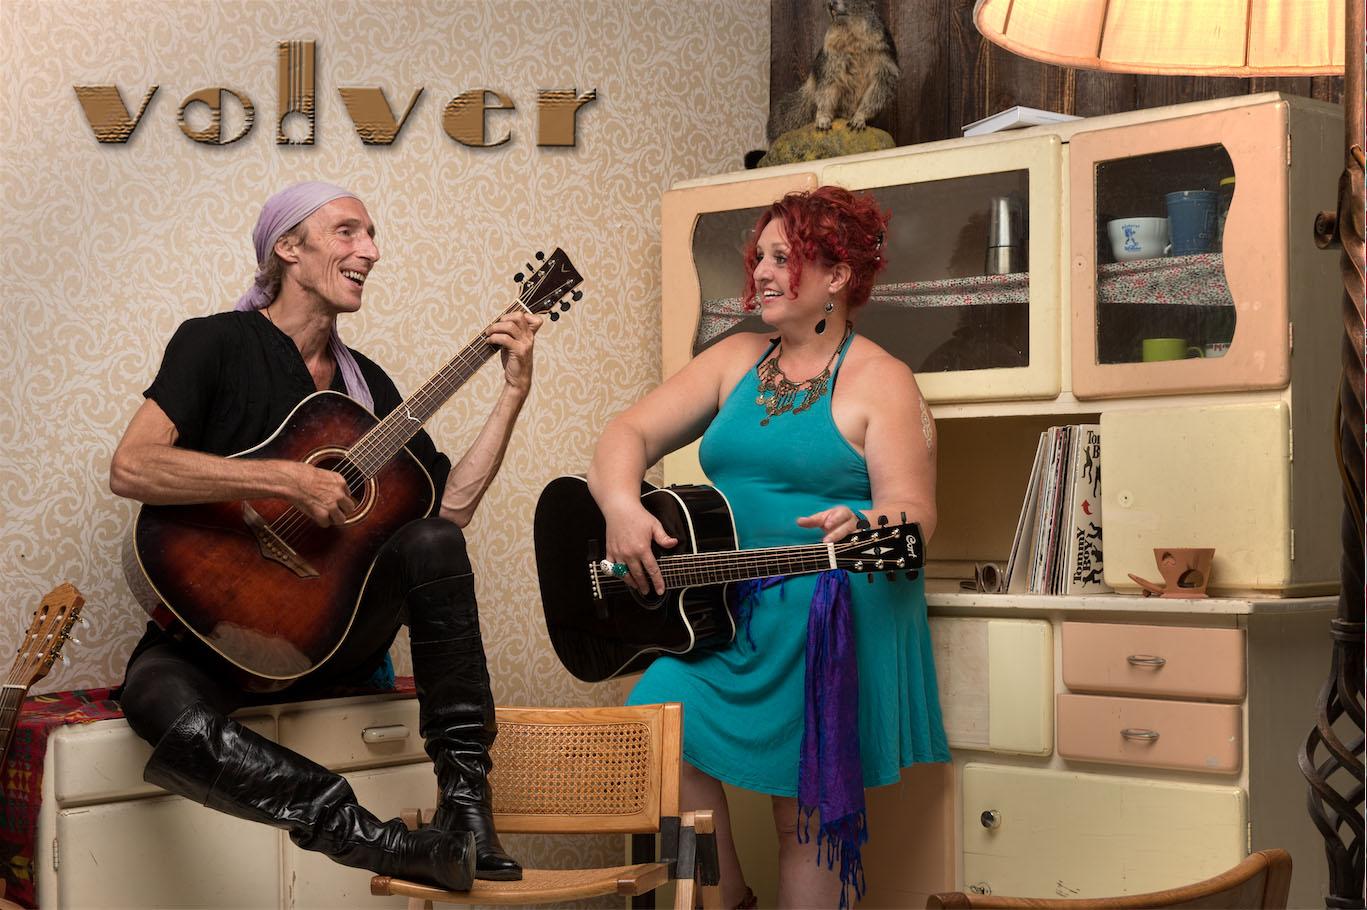 volver – Bernie Rothauer & Alice Gerschpacher